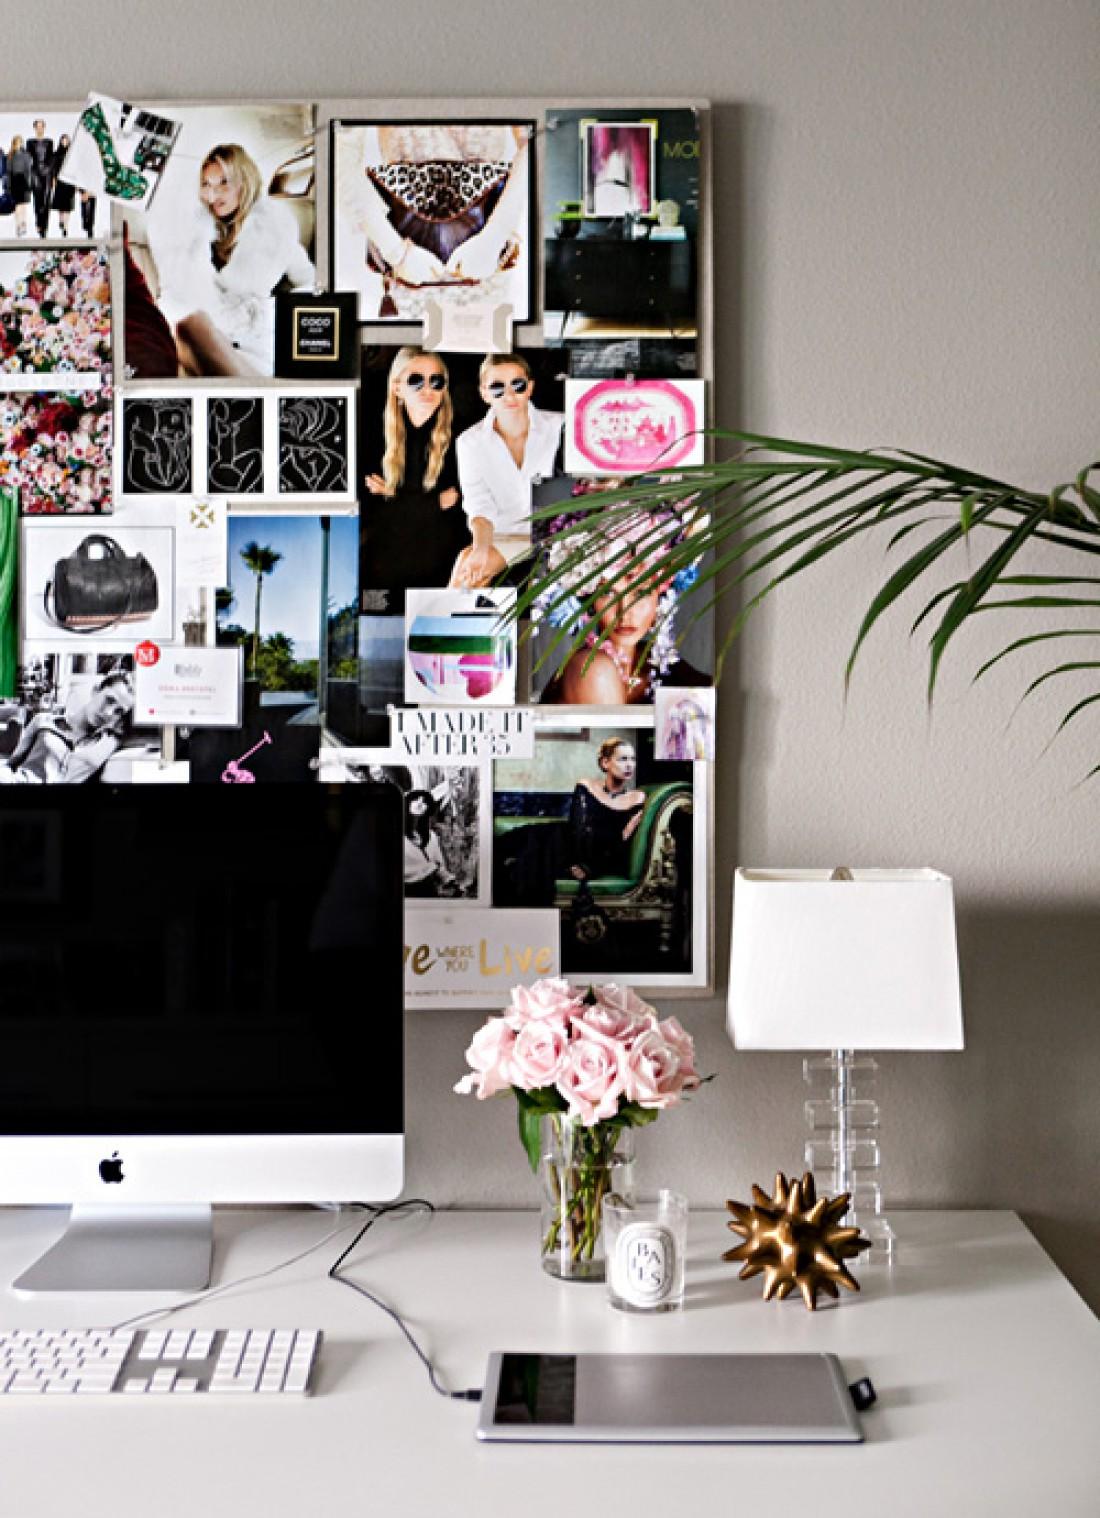 Рабочий стол: Стильные идеи для оформления